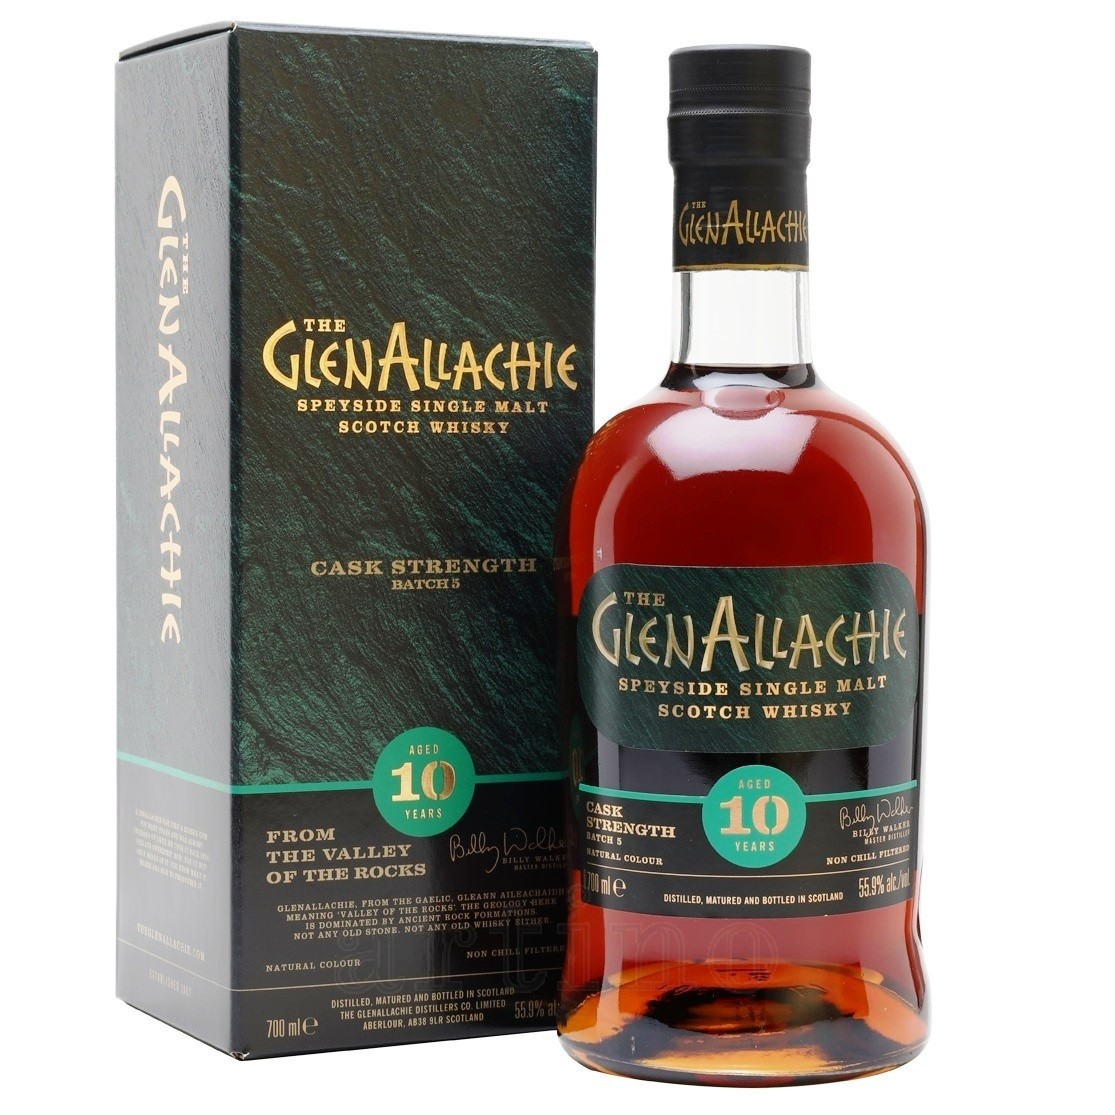 Whisky Glenallachie 10 ani Batch 6 Cask Strength